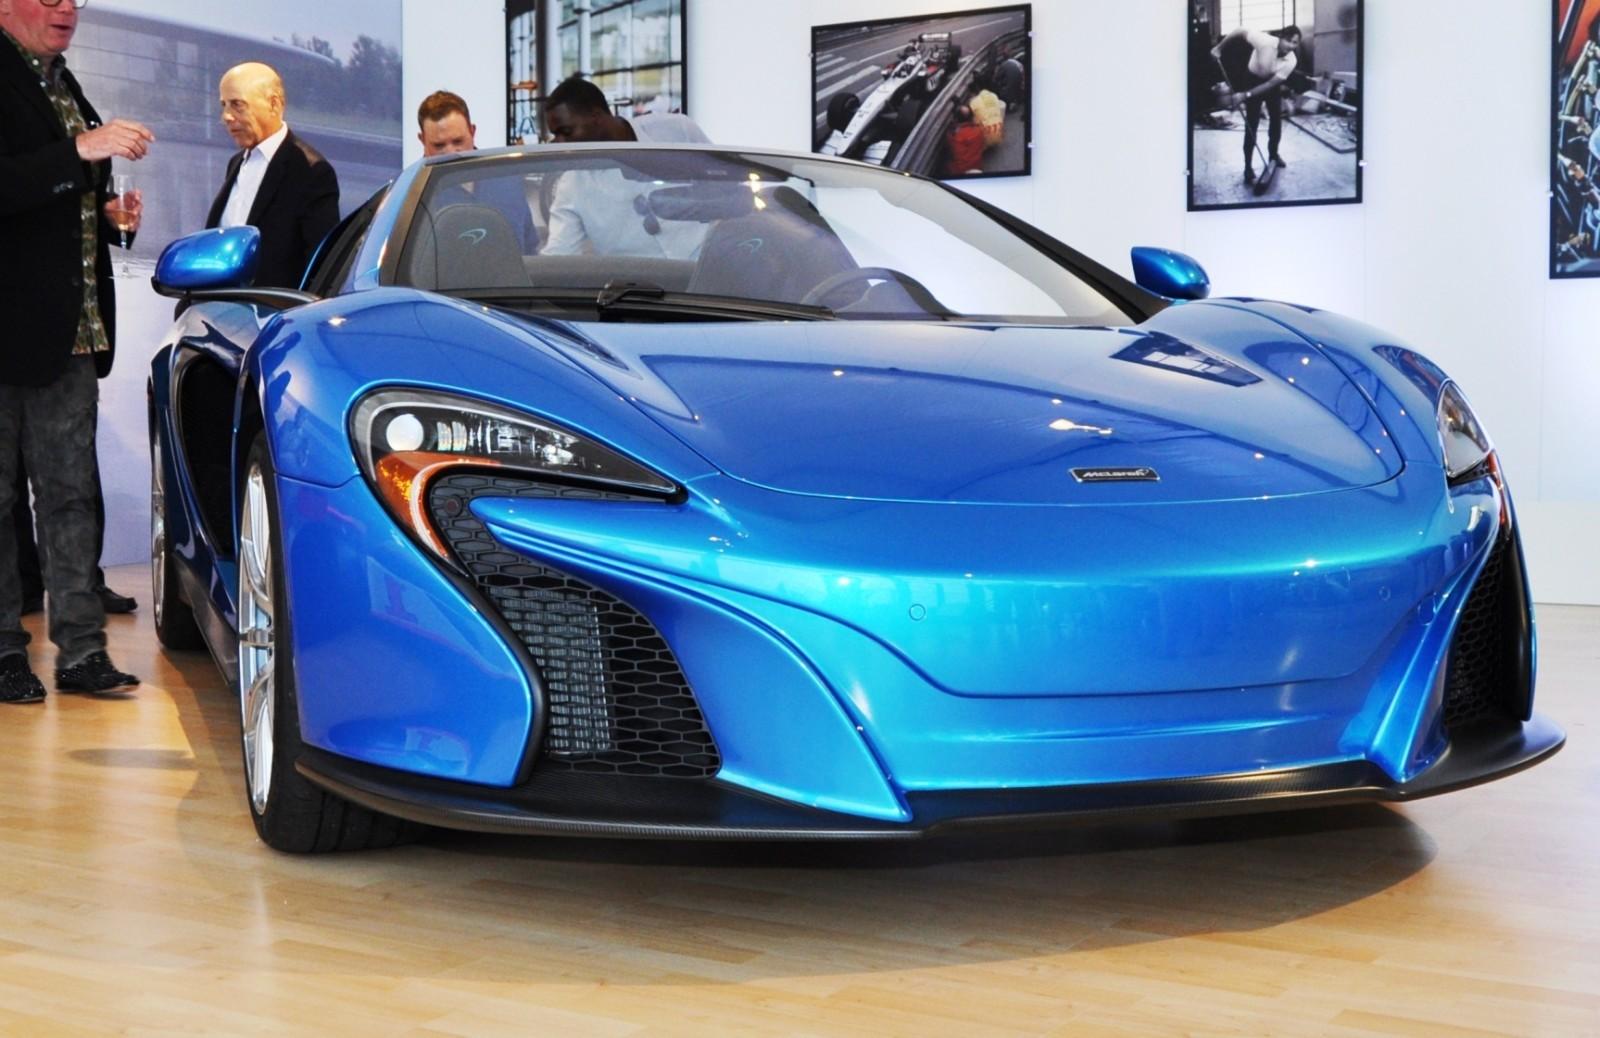 http://www.car-revs-daily.com/wp-content/uploads/Car-Revs-Daily.com-McLaren-Special-Operations-650S-Spider-2-1600x1038.jpg